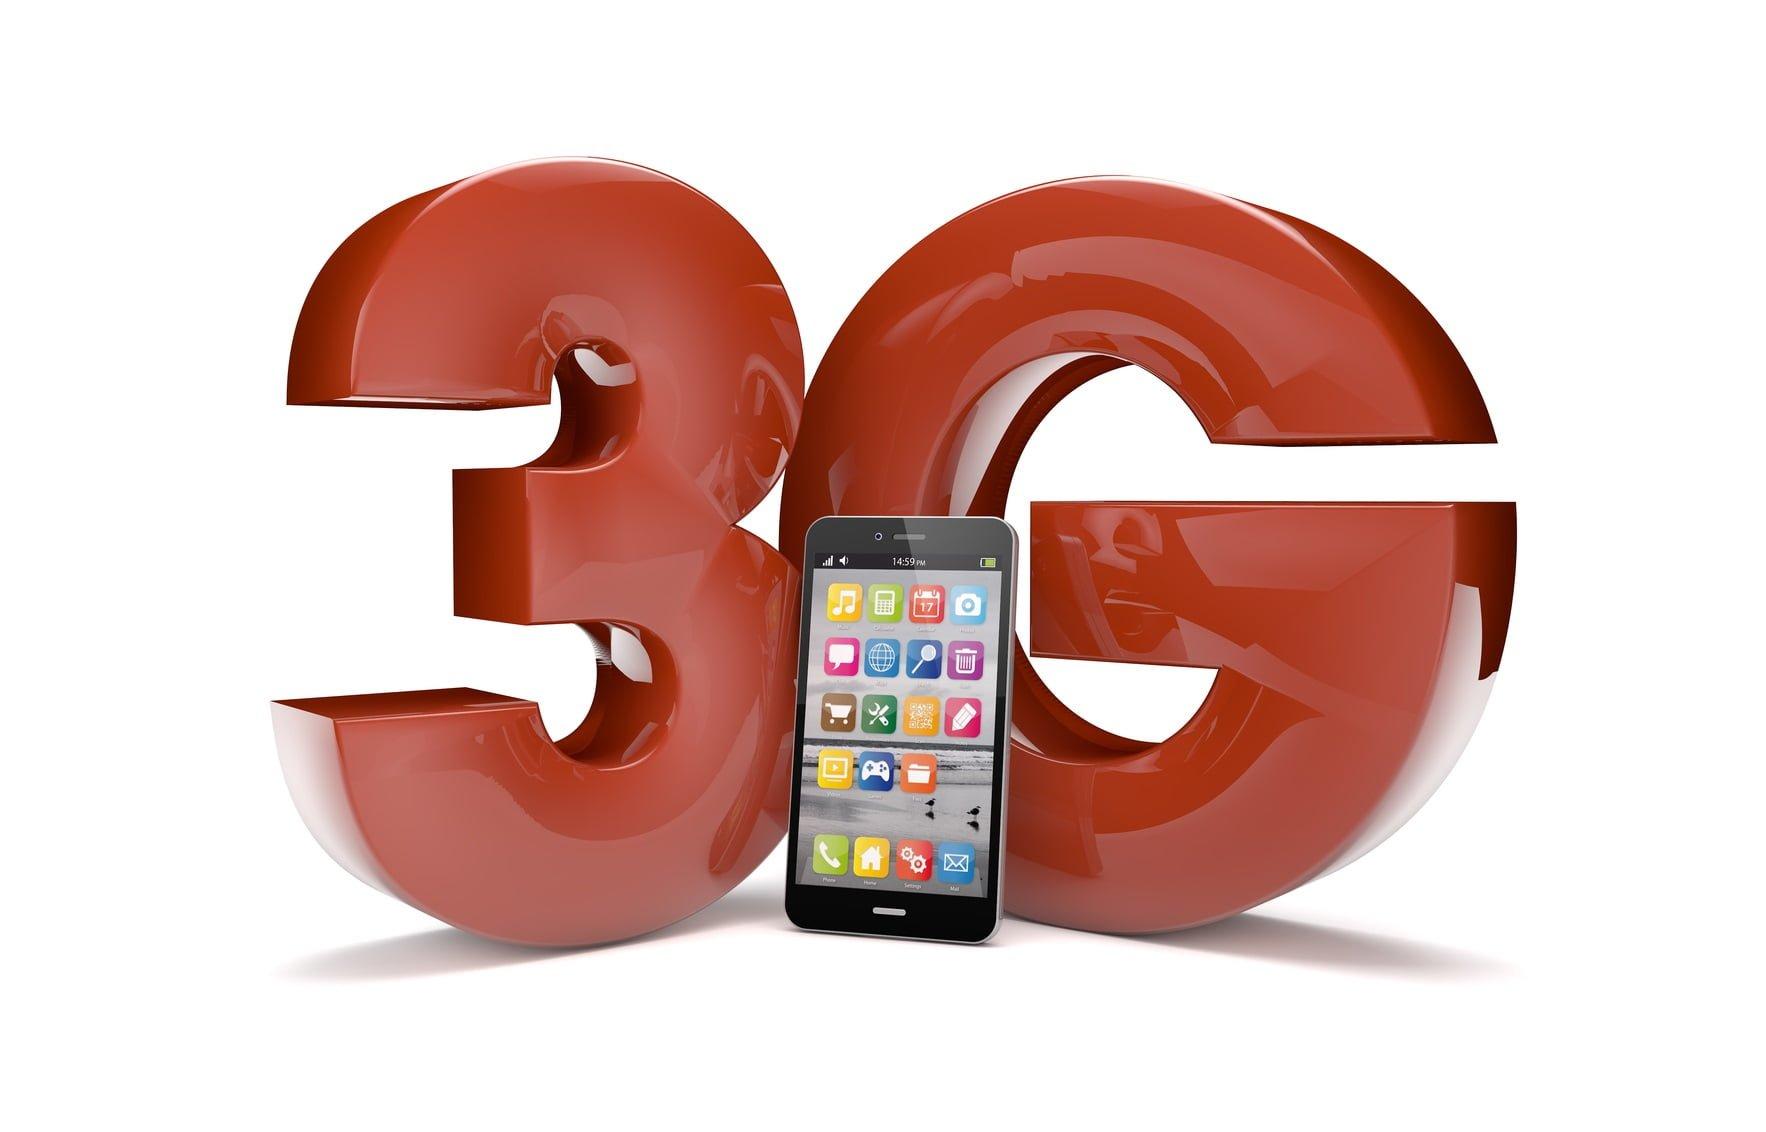 3G Hat Nasıl Açılır? 3G Hat Açma Yöntemleri Nelerdir?